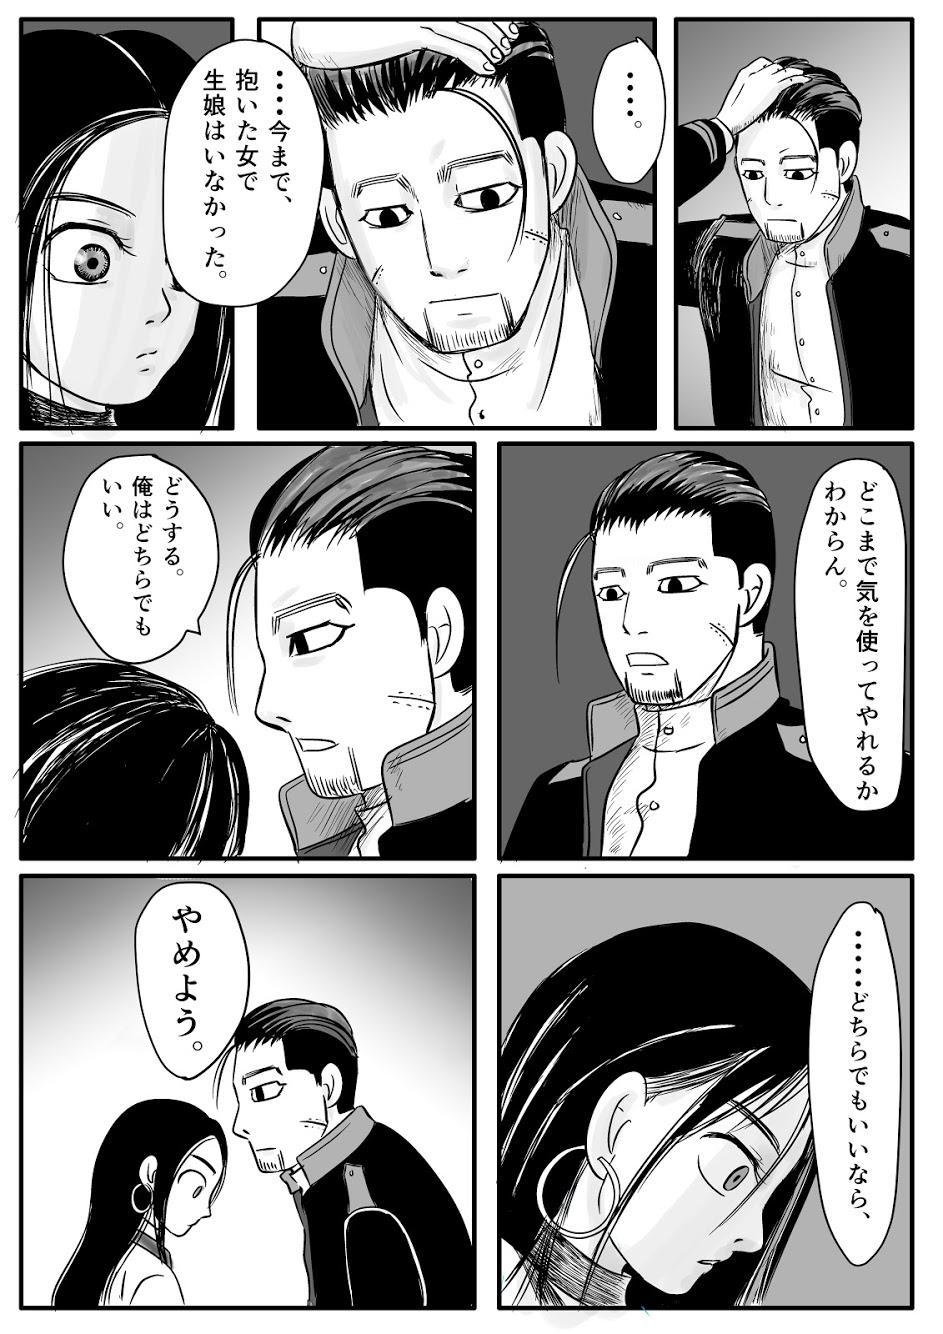 Toko no Koto 51